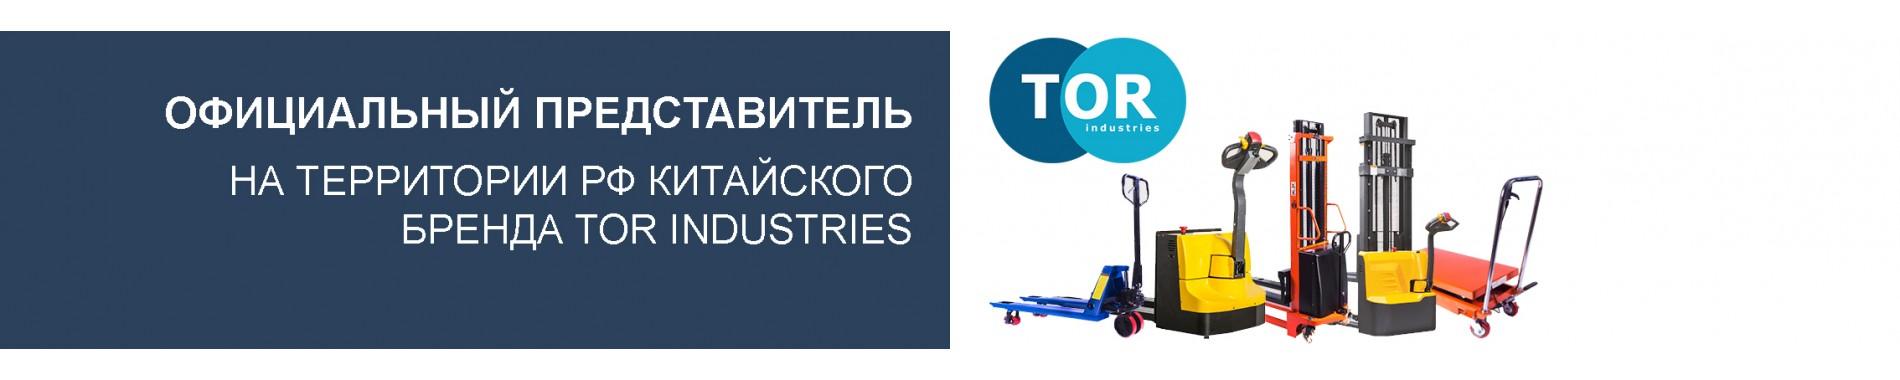 Официальный представитель TOR